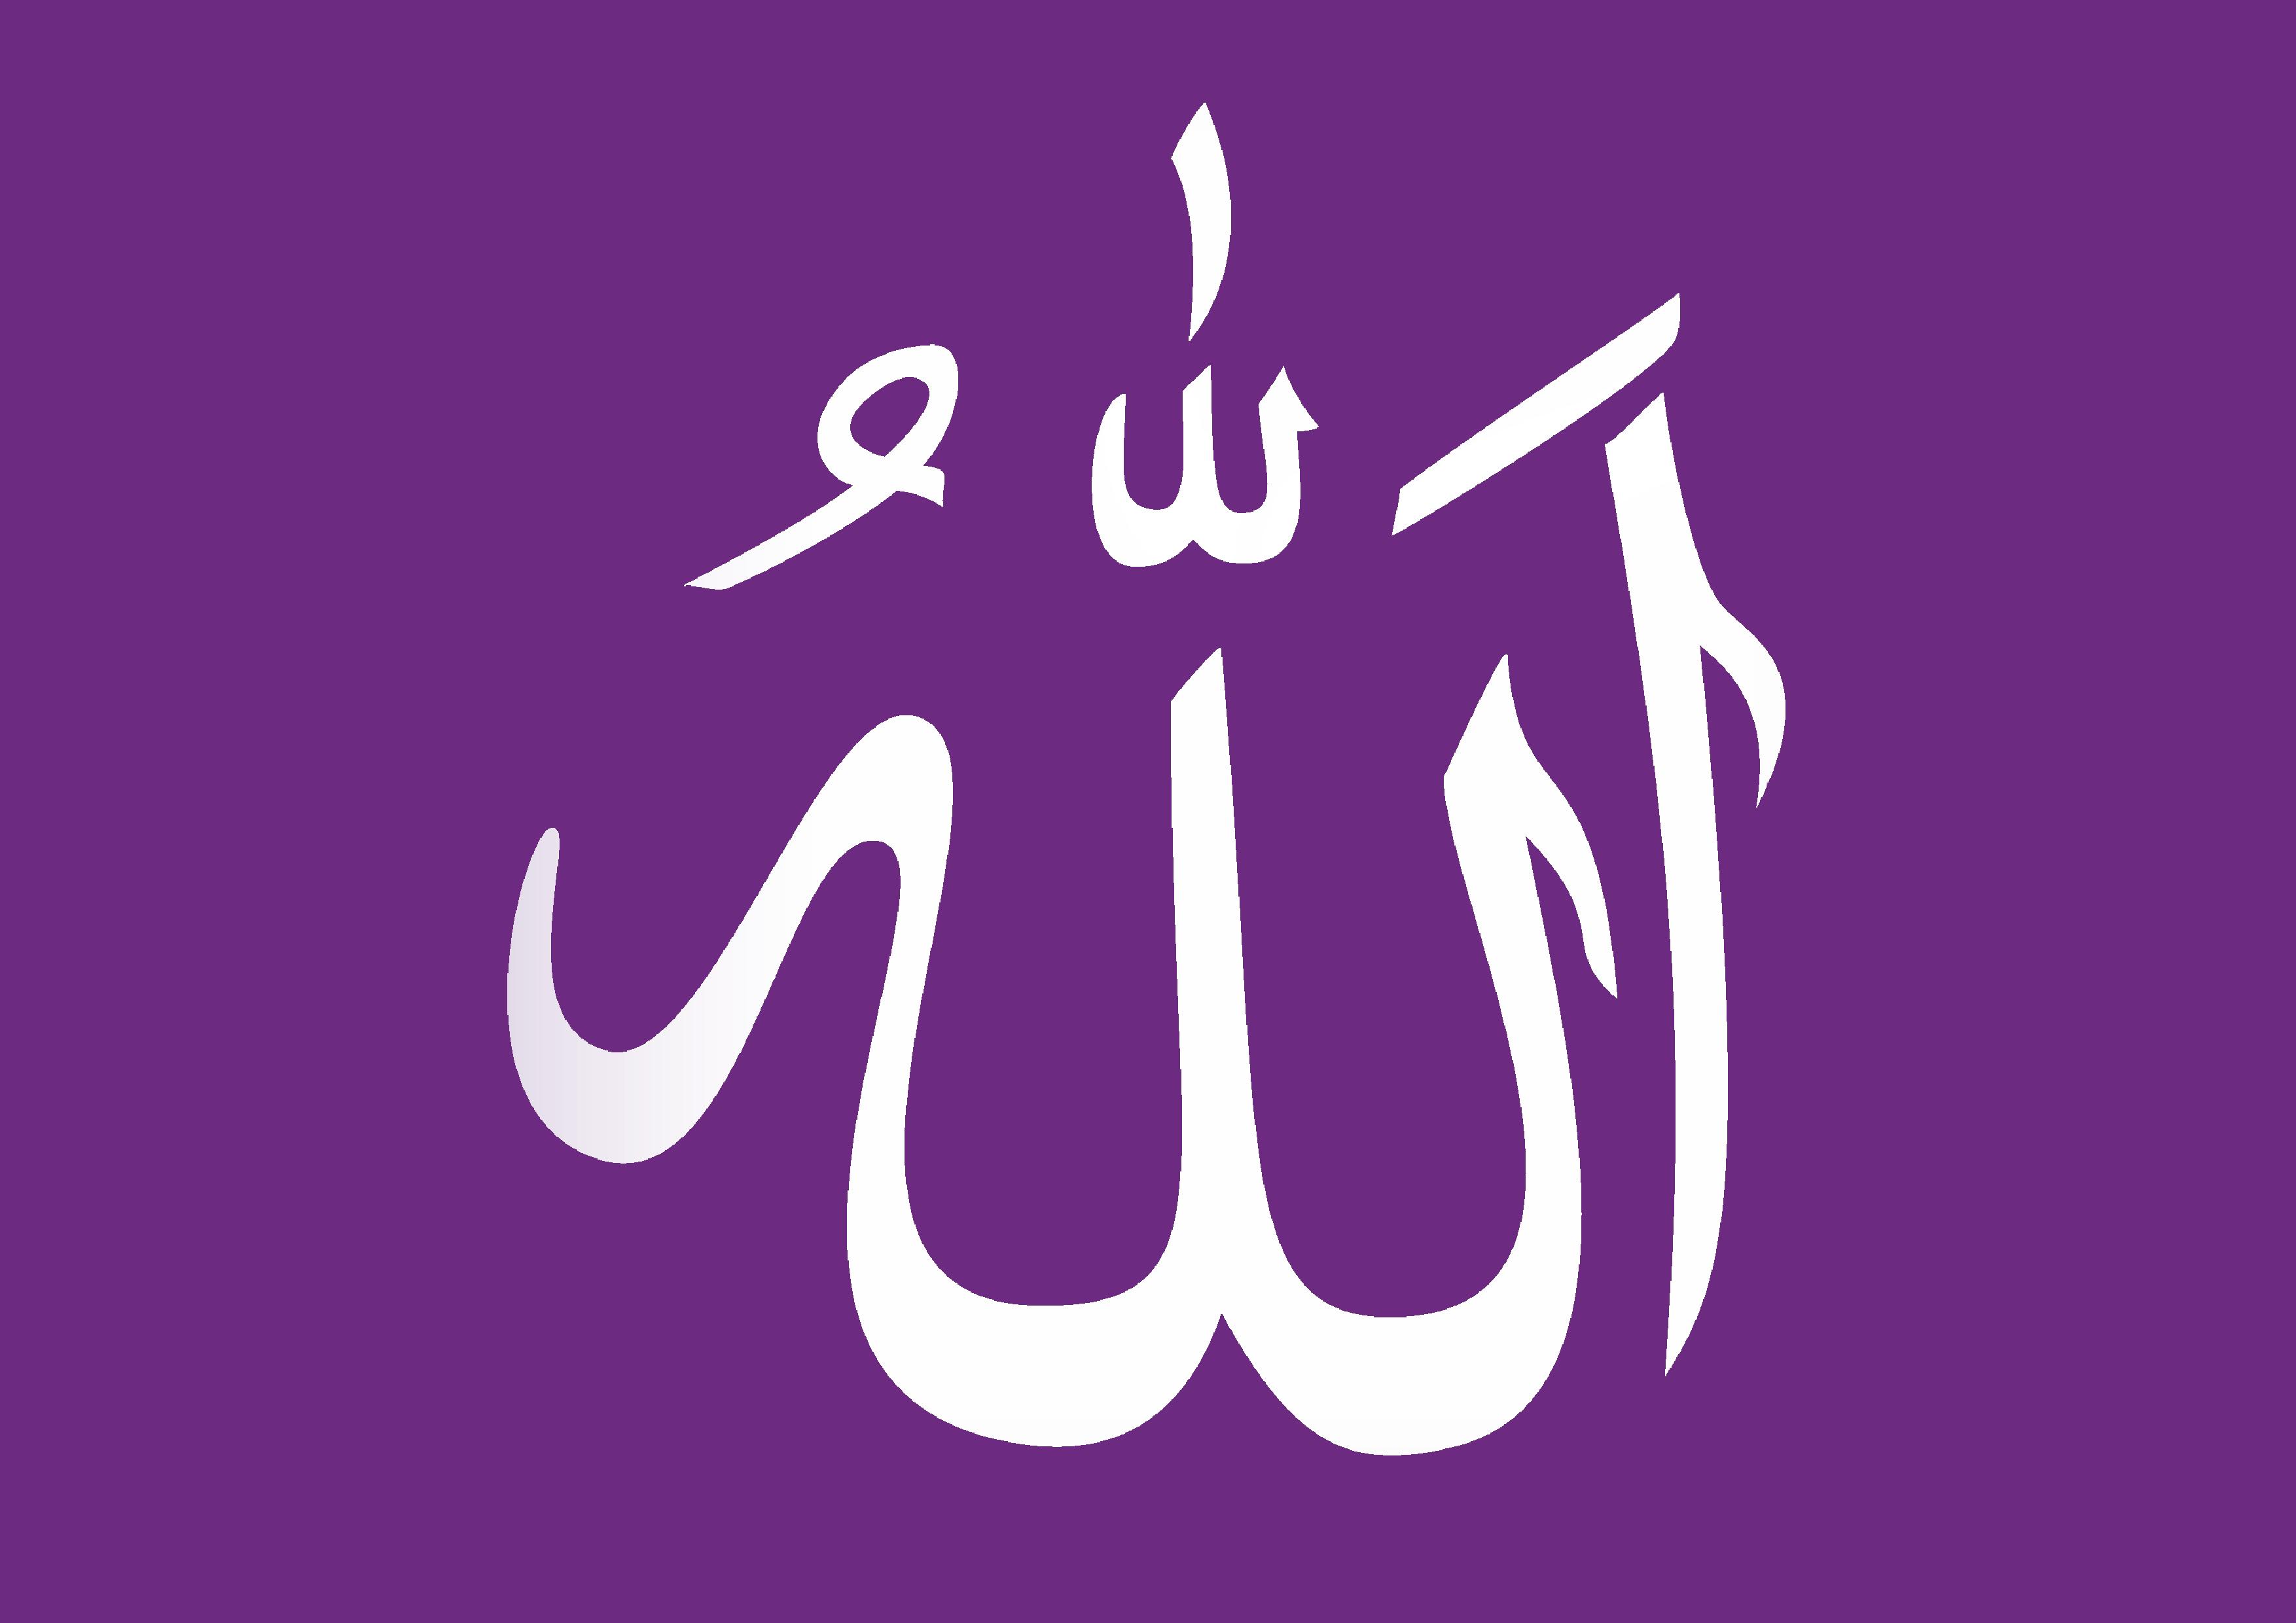 سلسلة أسماء الله الحسنى للأطفال الله الرحمن الرحيم Arabic Calligraphy Okay Gesture Calligraphy